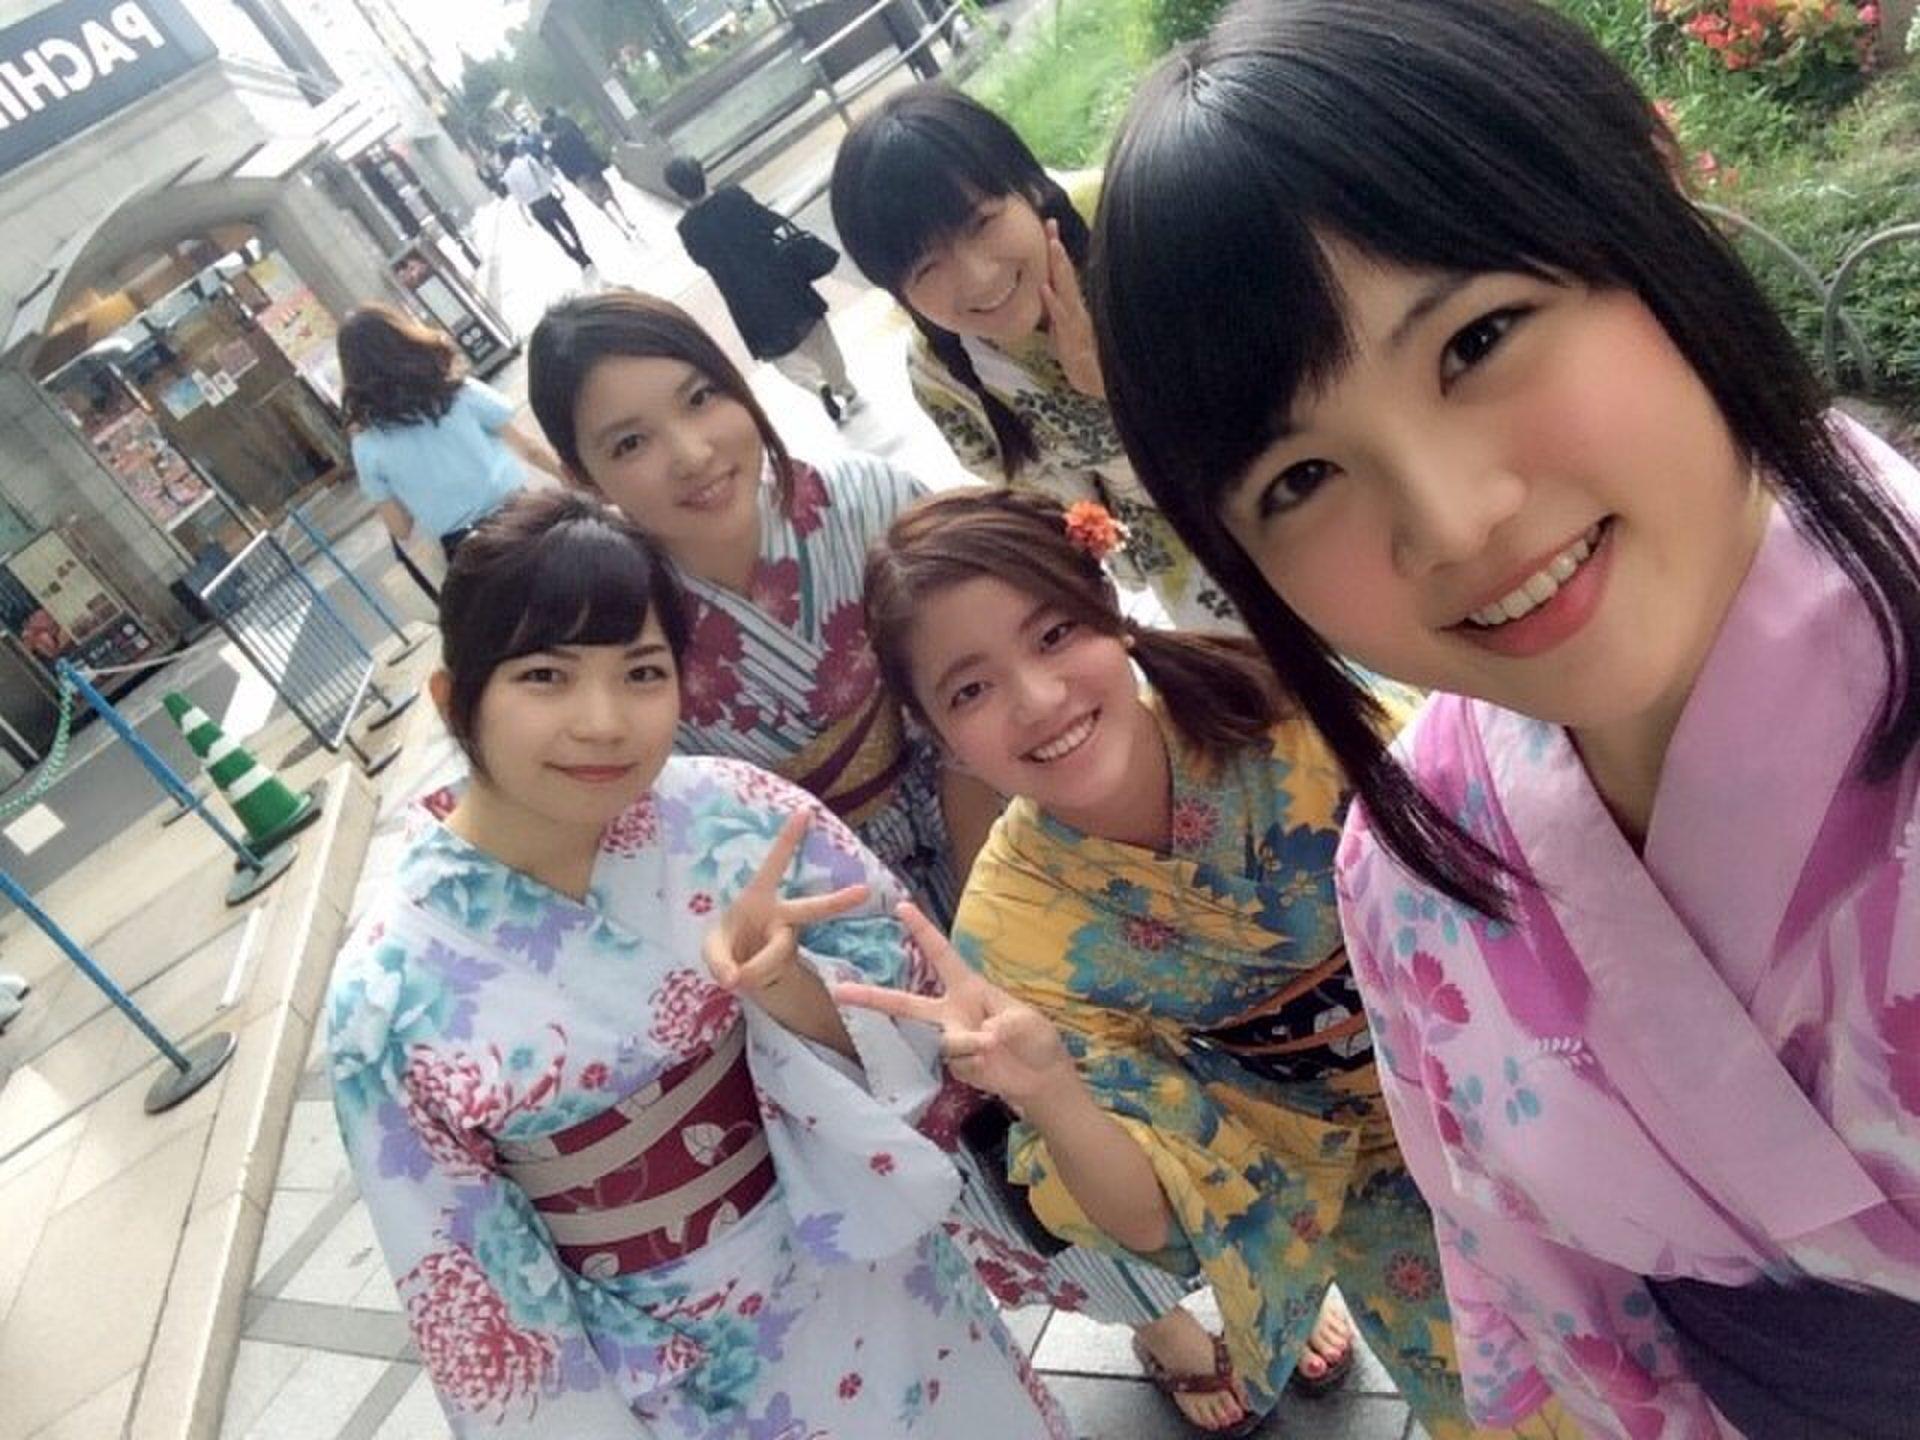 京都で浴衣女子会!京都駅で浴衣や着物をレンタル・着付けして観光しよう♡